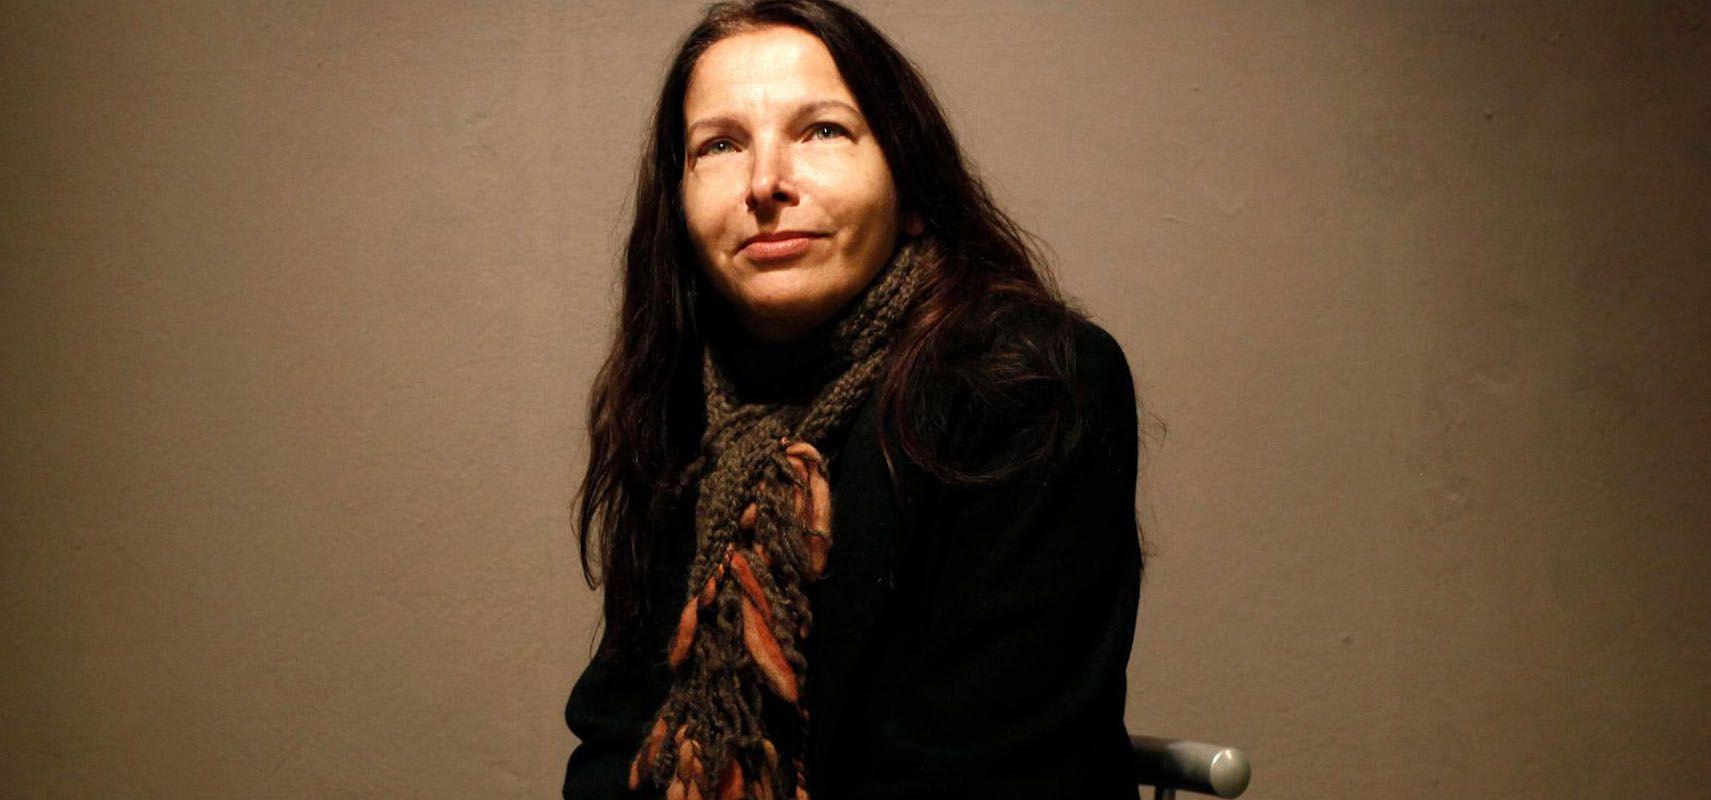 Alejandra Darín es presidenta de la Asociación Argentina de Actores